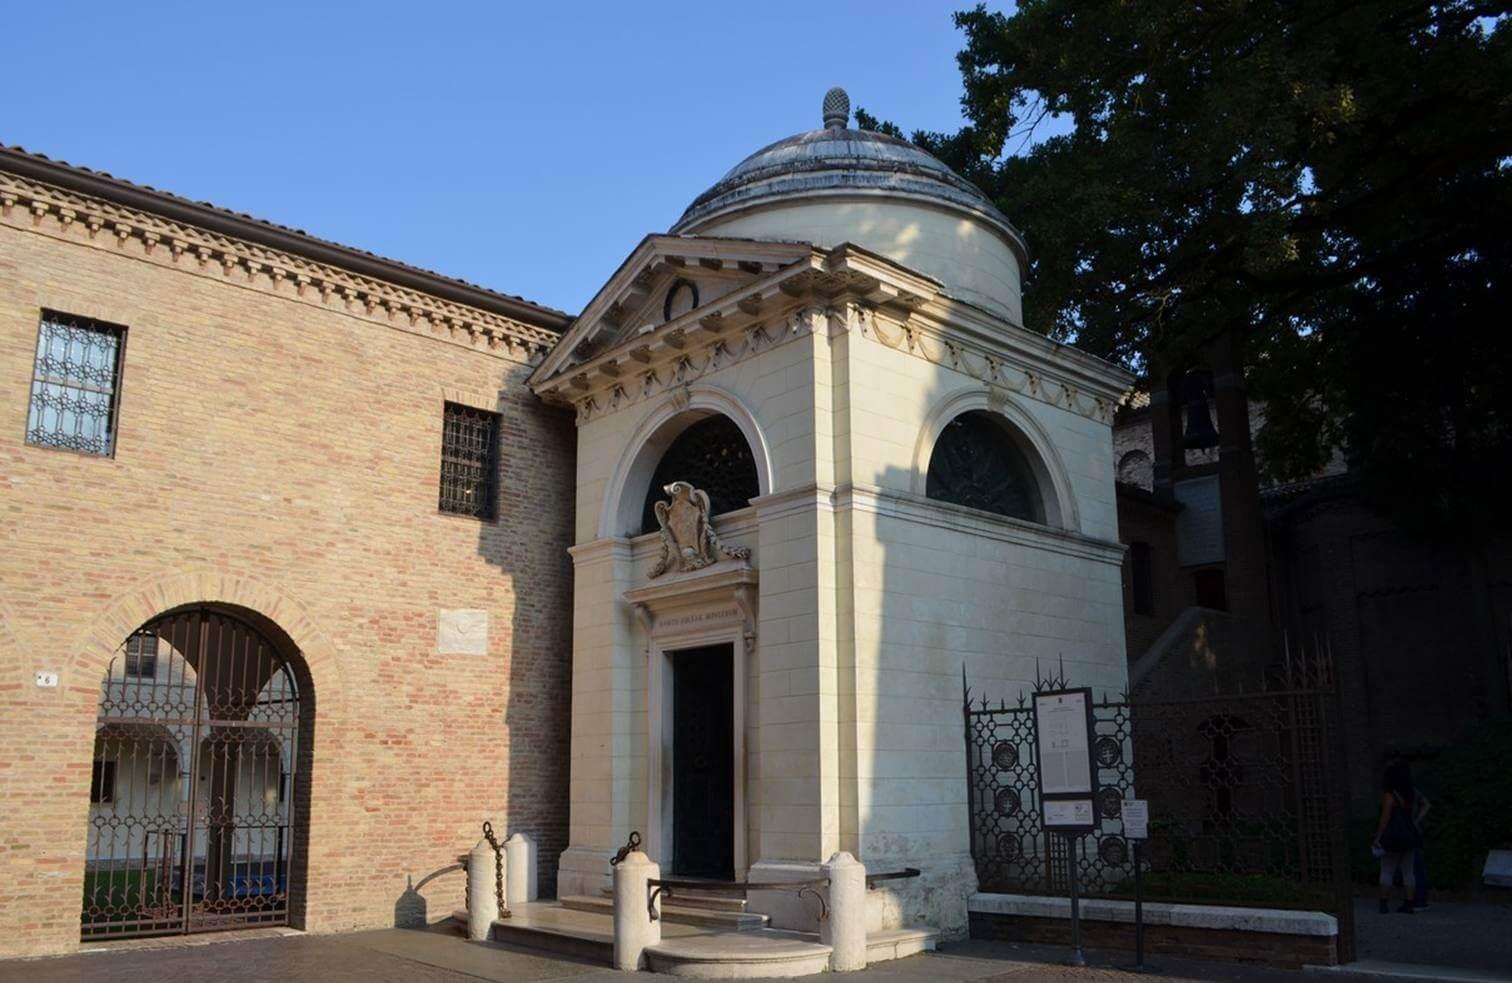 Nell'ultima fase del suo lungo e doloroso esilio, Dante è accolto a Ravenna dove muore nel 1321 e dove tuttora riposano i suoi resti